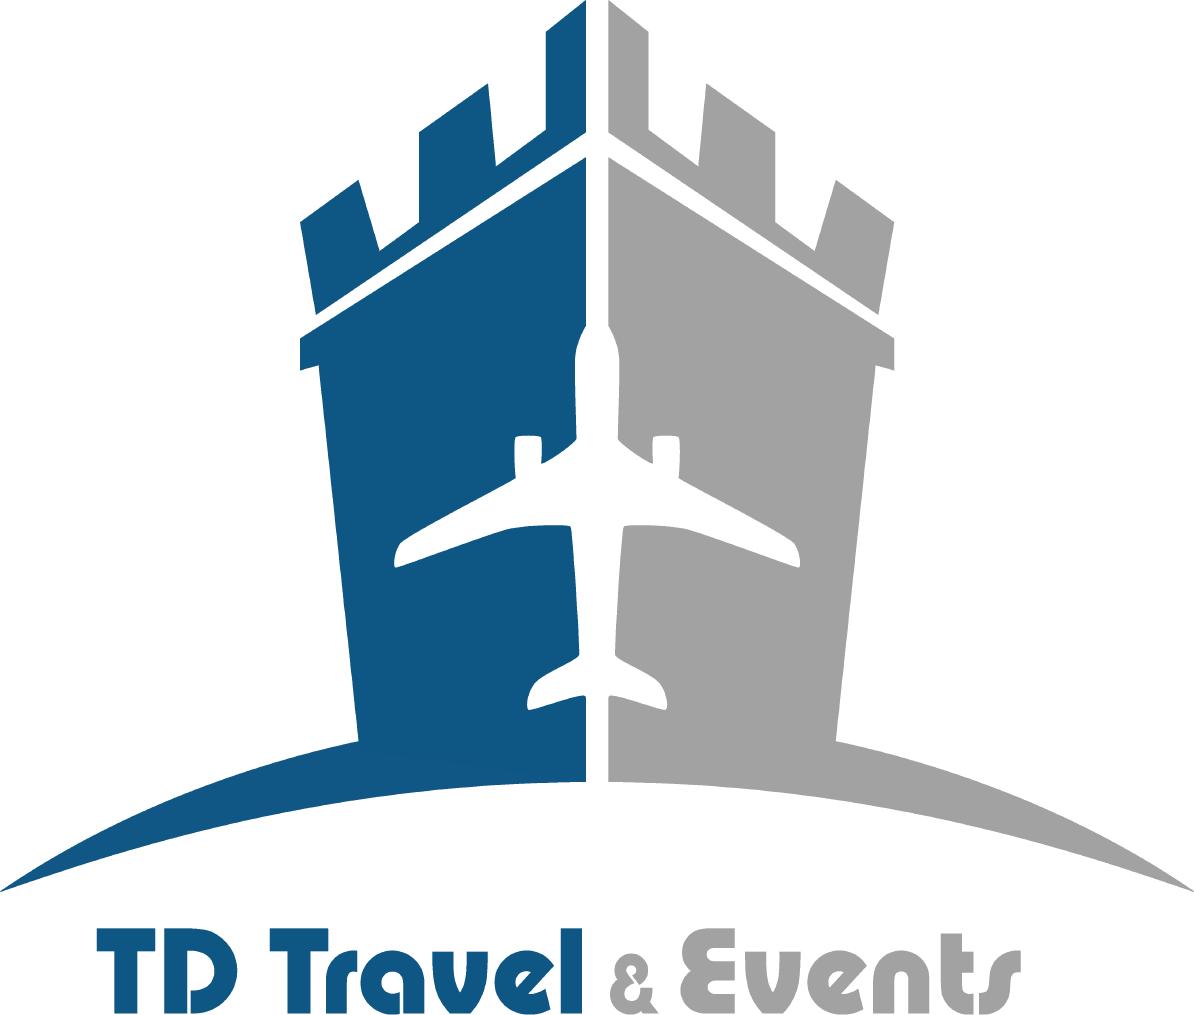 THÀNH ĐÔNG TRAVEL & EVENTS